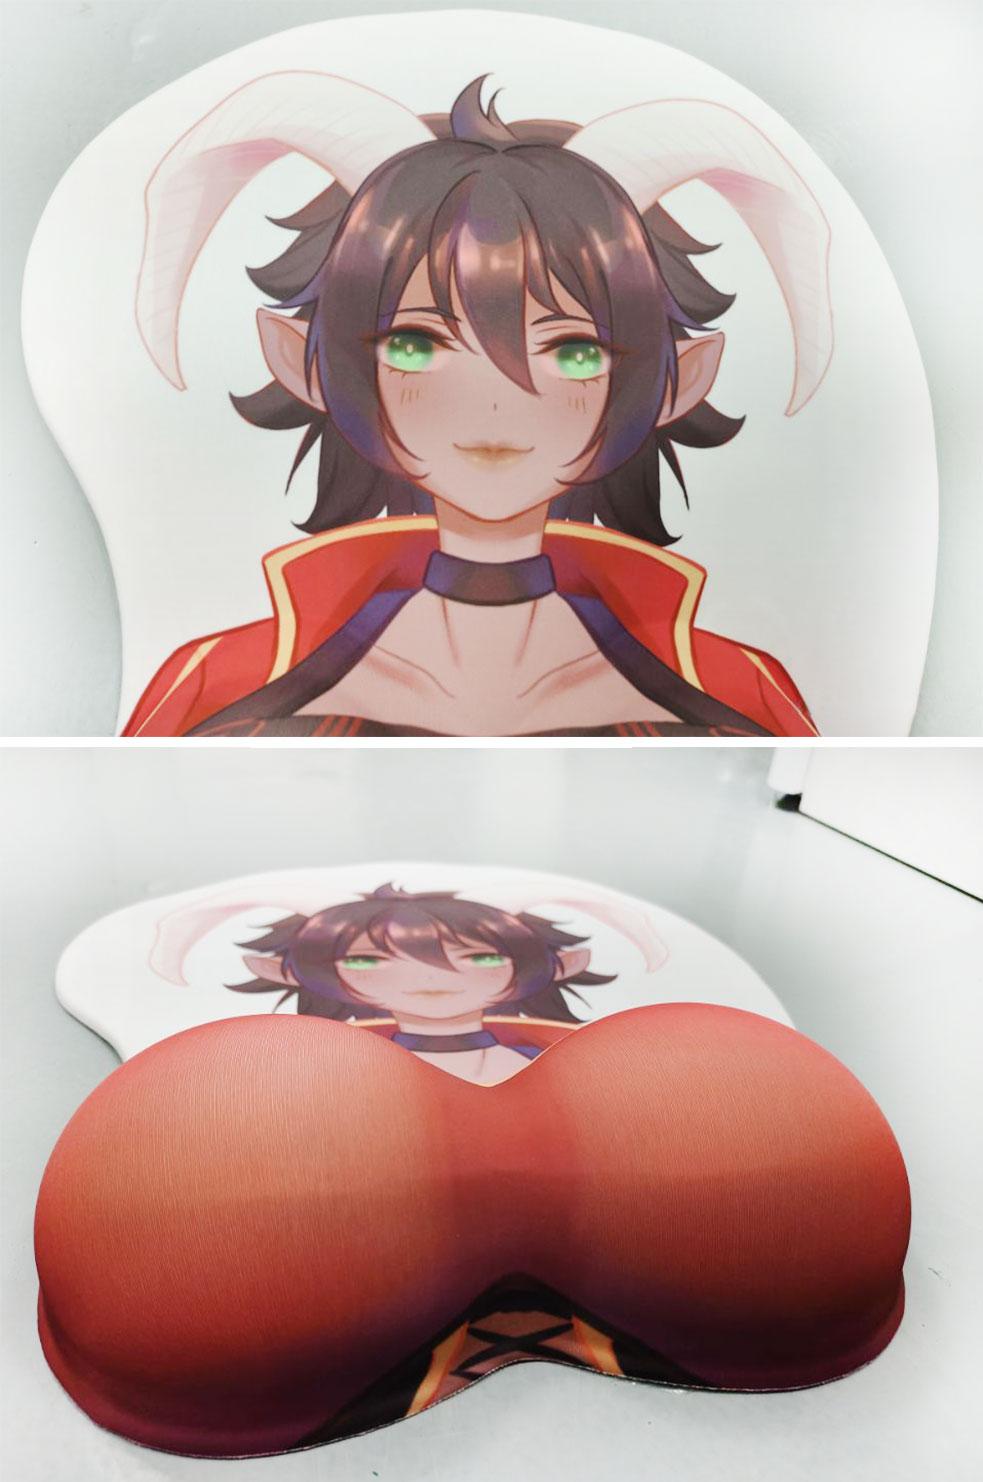 hakurei reimu life size oppai mousepad hakurei reimu giant oppai mouse pad 6858 - Anime Mousepads